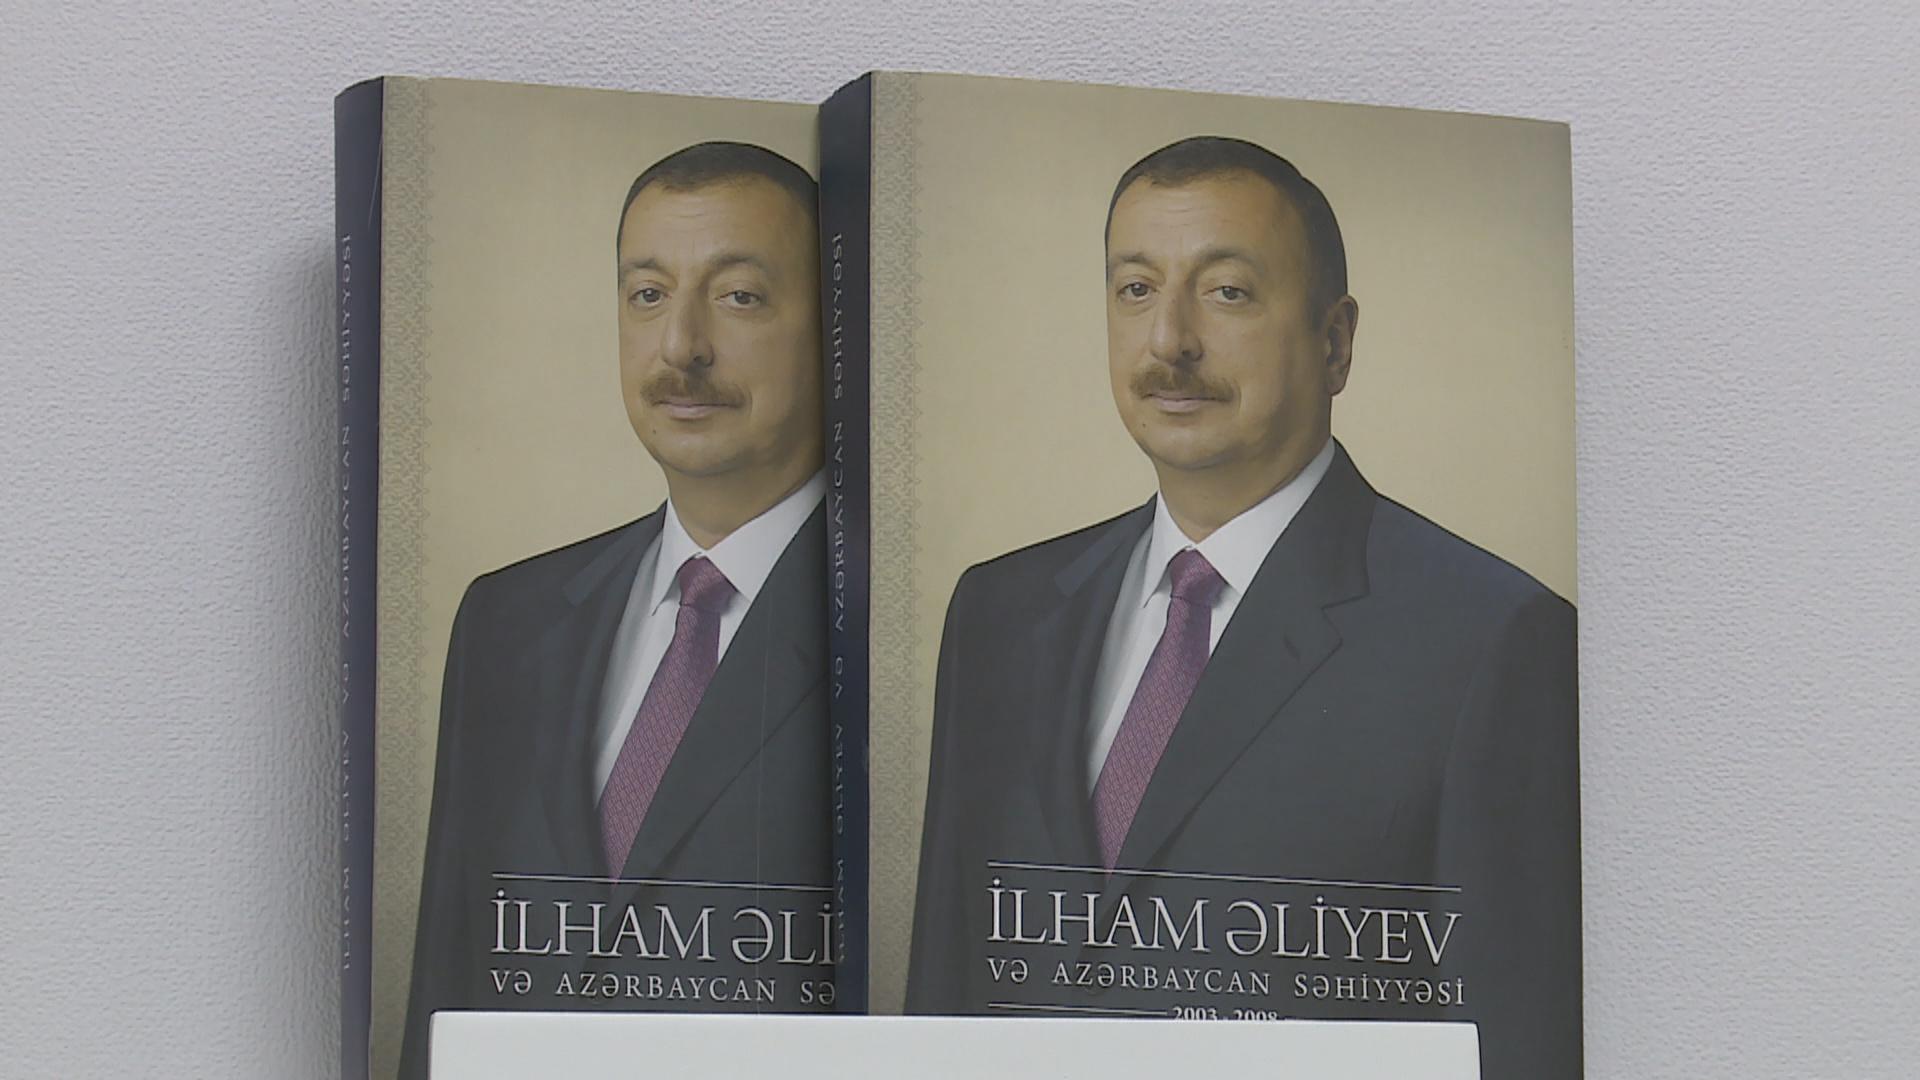 Prezident İlham Əliyevin sənəd kolleksiyasının təqdimatı keçirilib